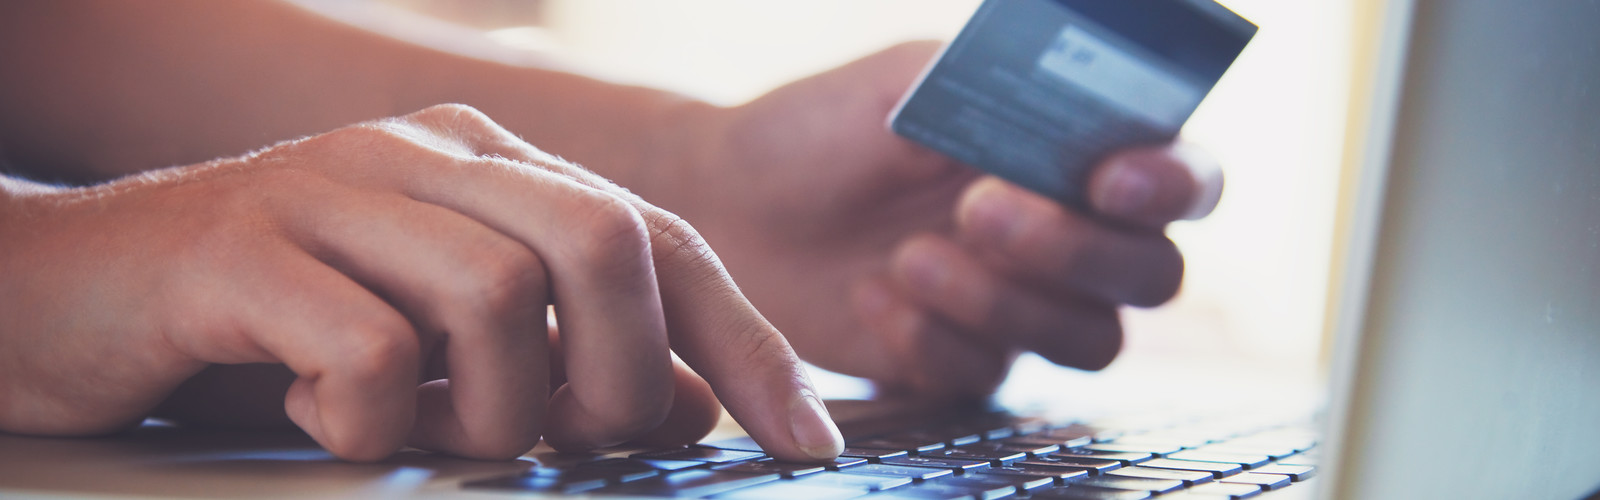 Minsait unifica sus soluciones de medios de pago para potenciar su crecimiento